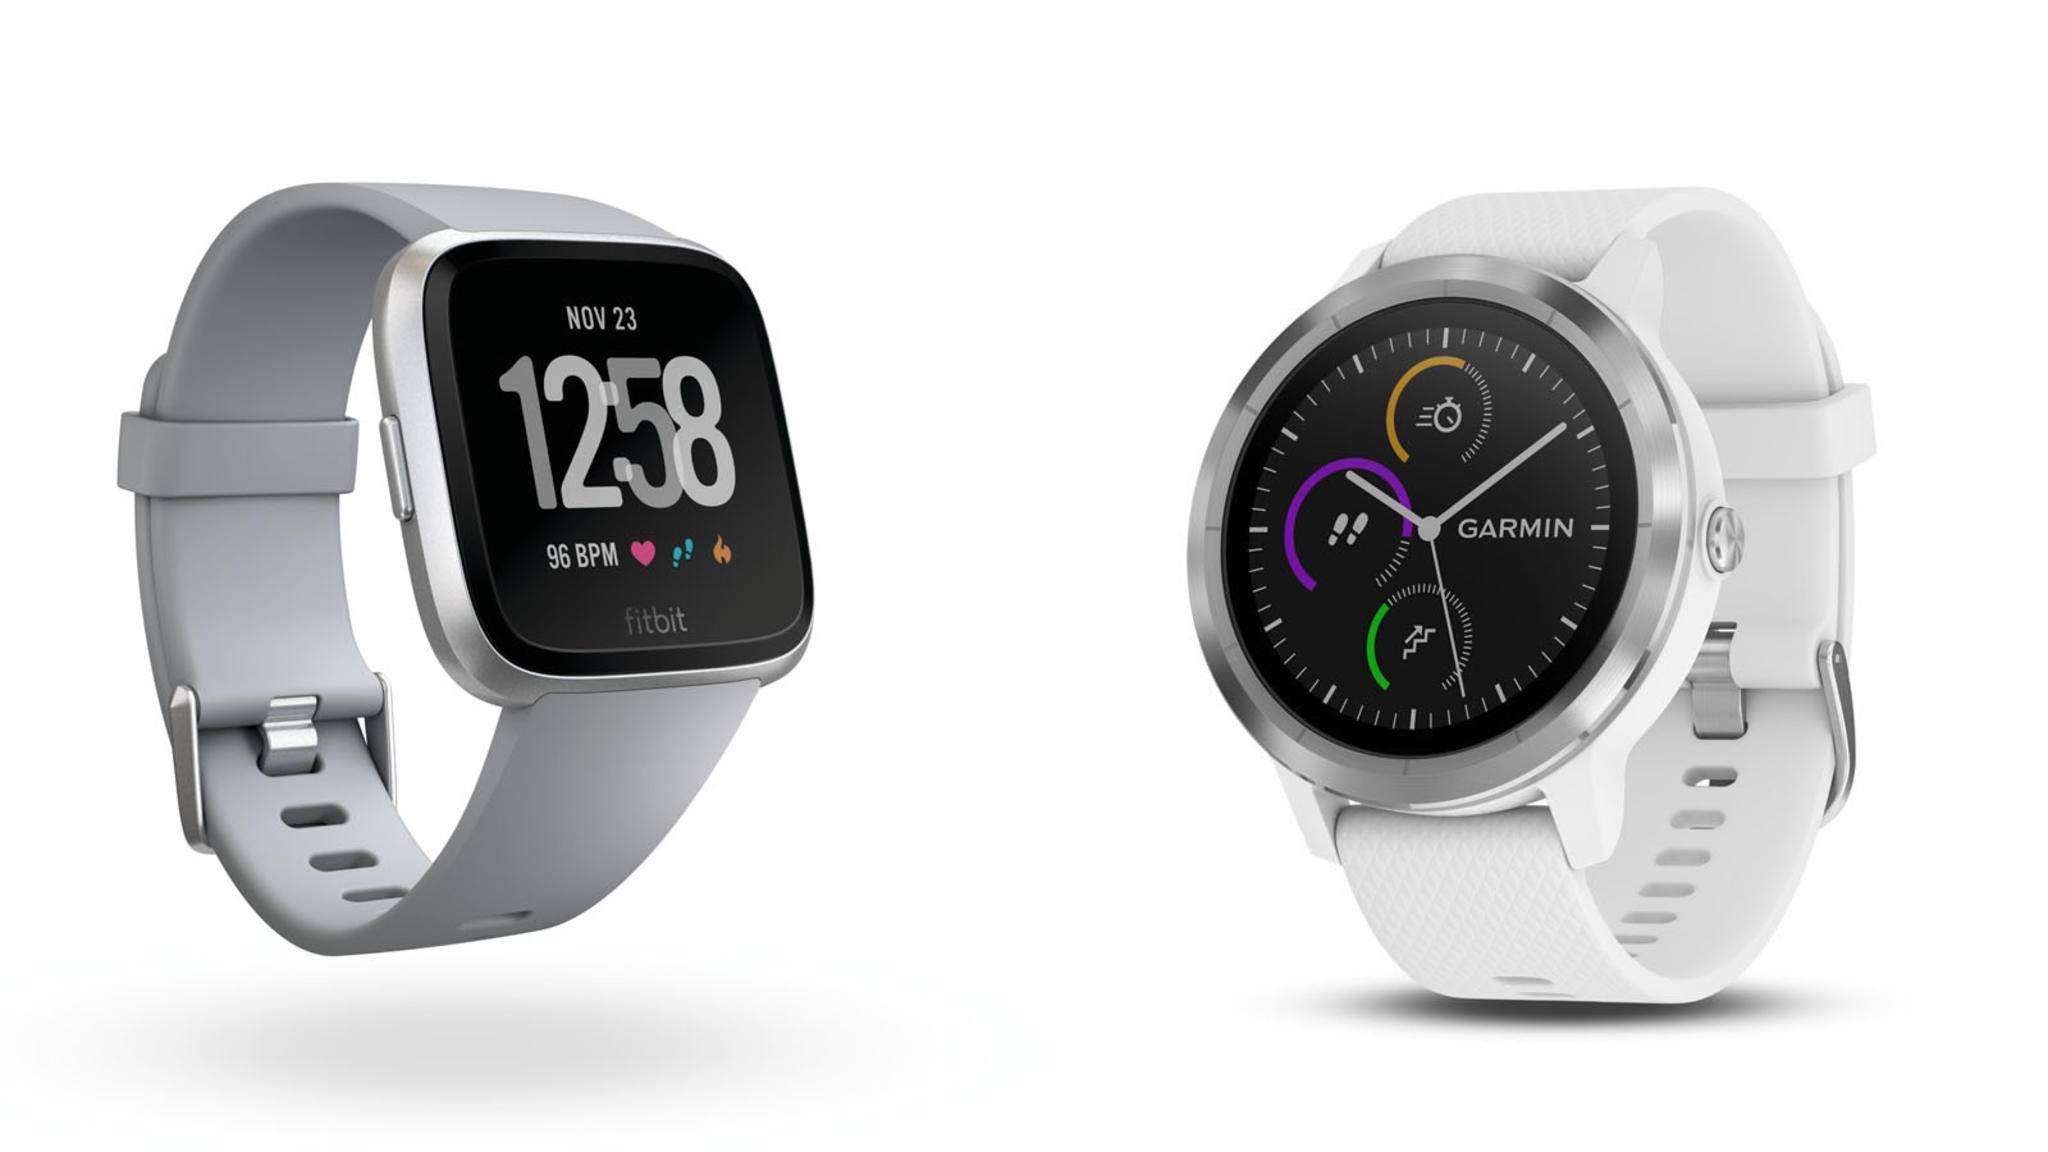 Was unterscheidet die Fitbit Versa eigentlich von der Garmin Vivoactive 3?